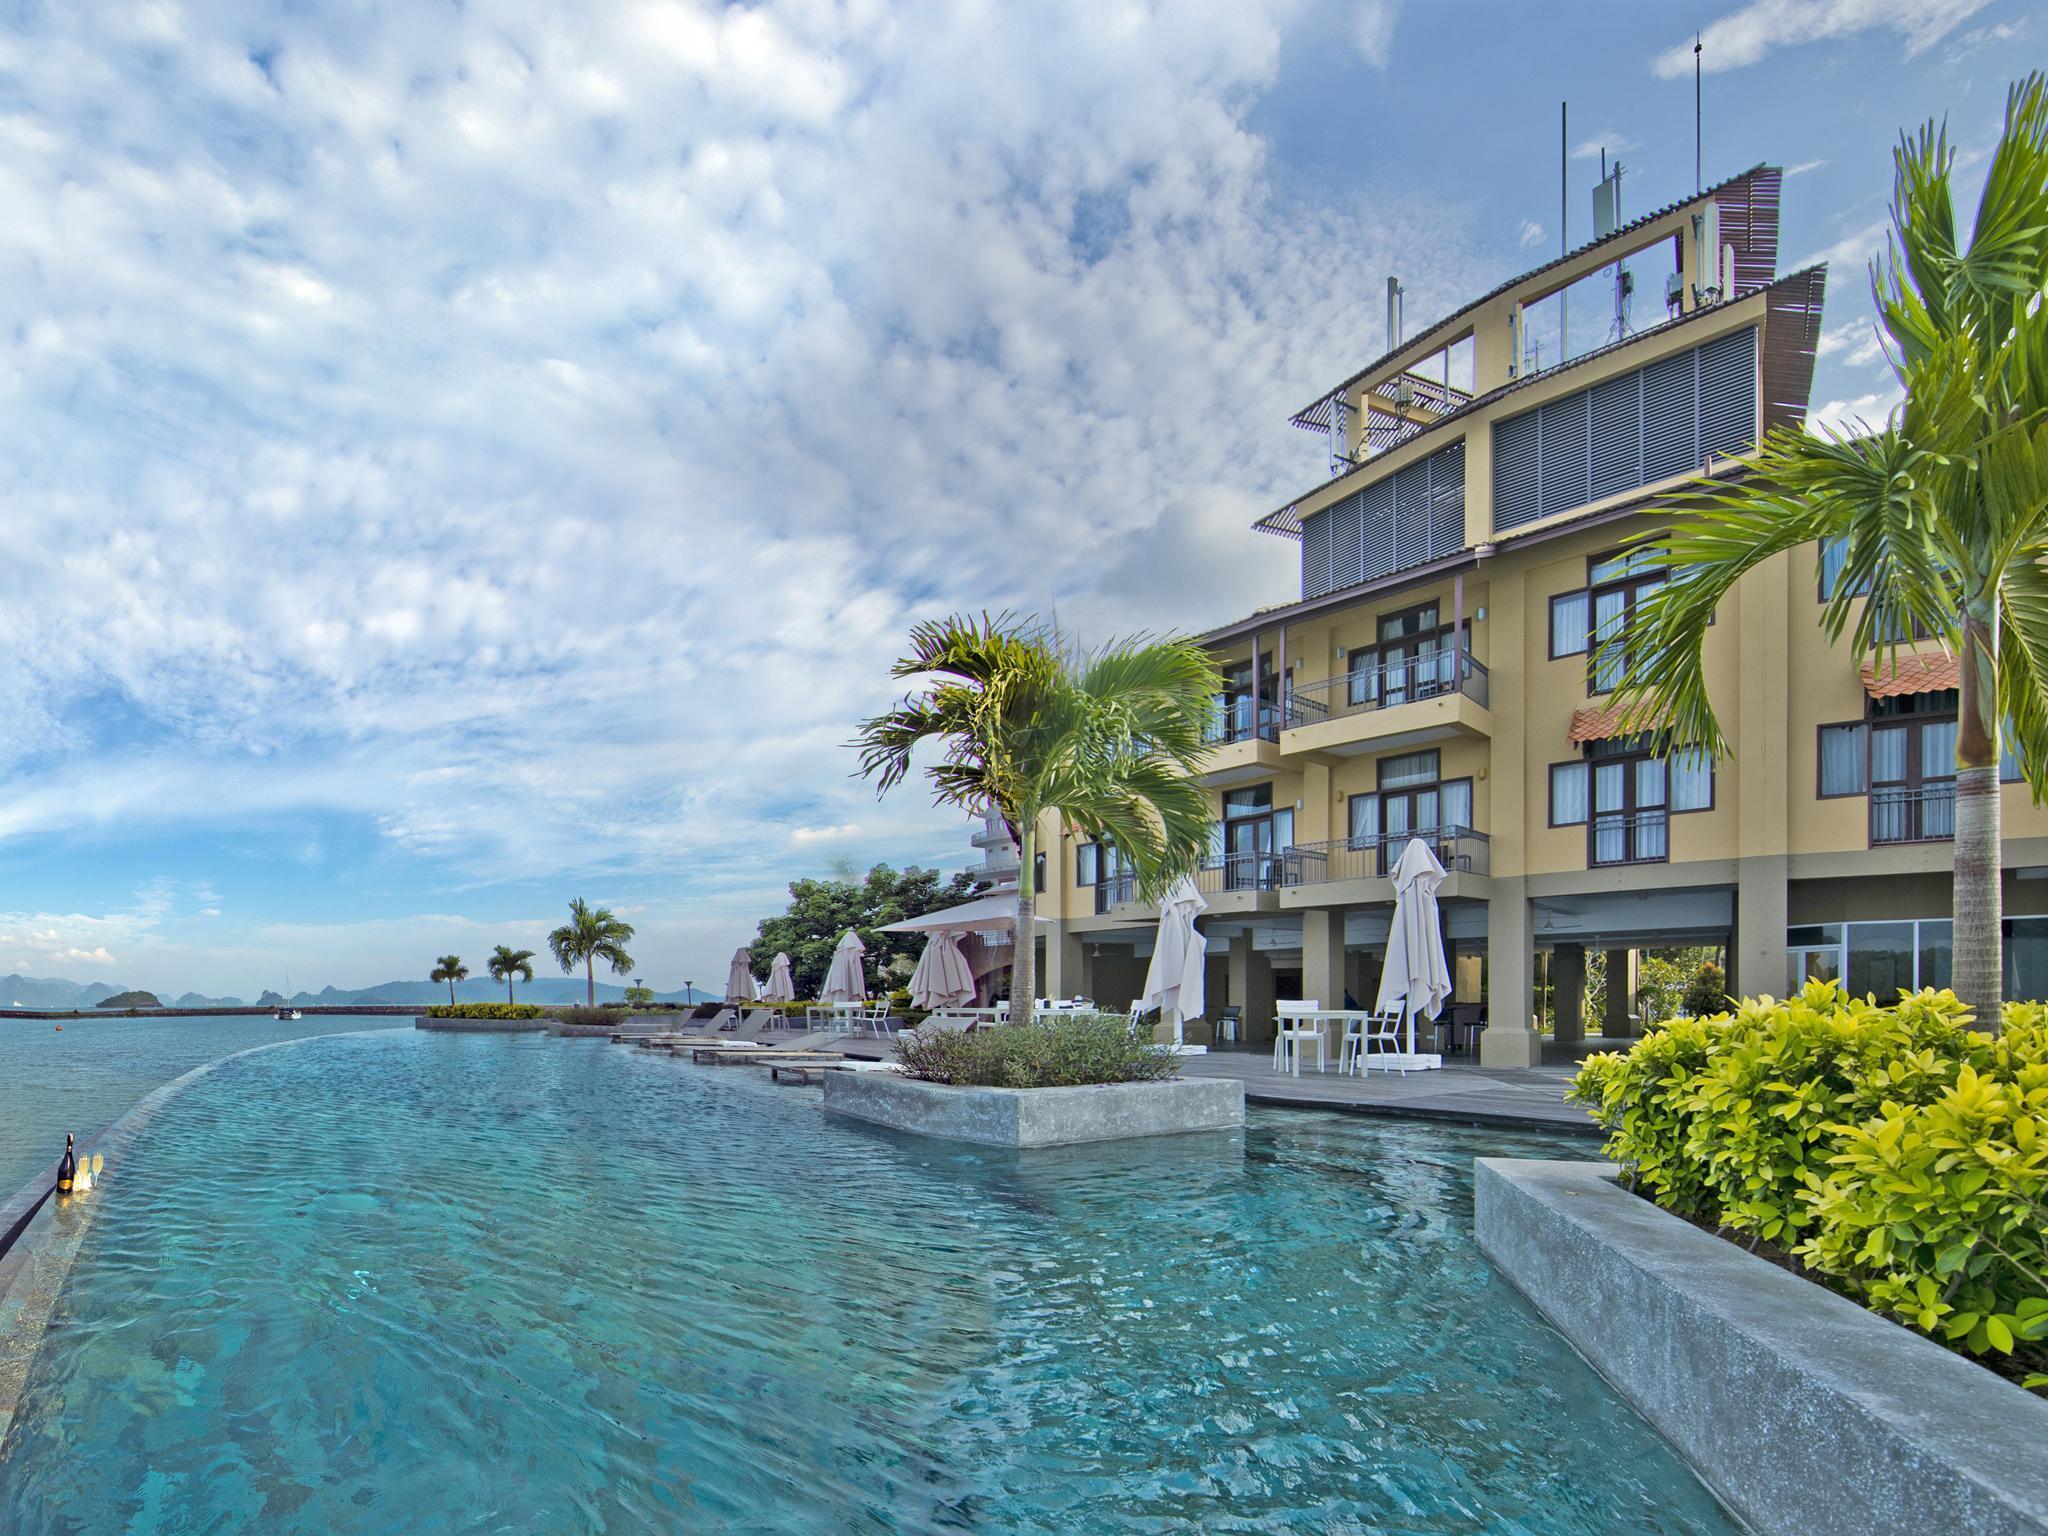 resorts world langkawi in